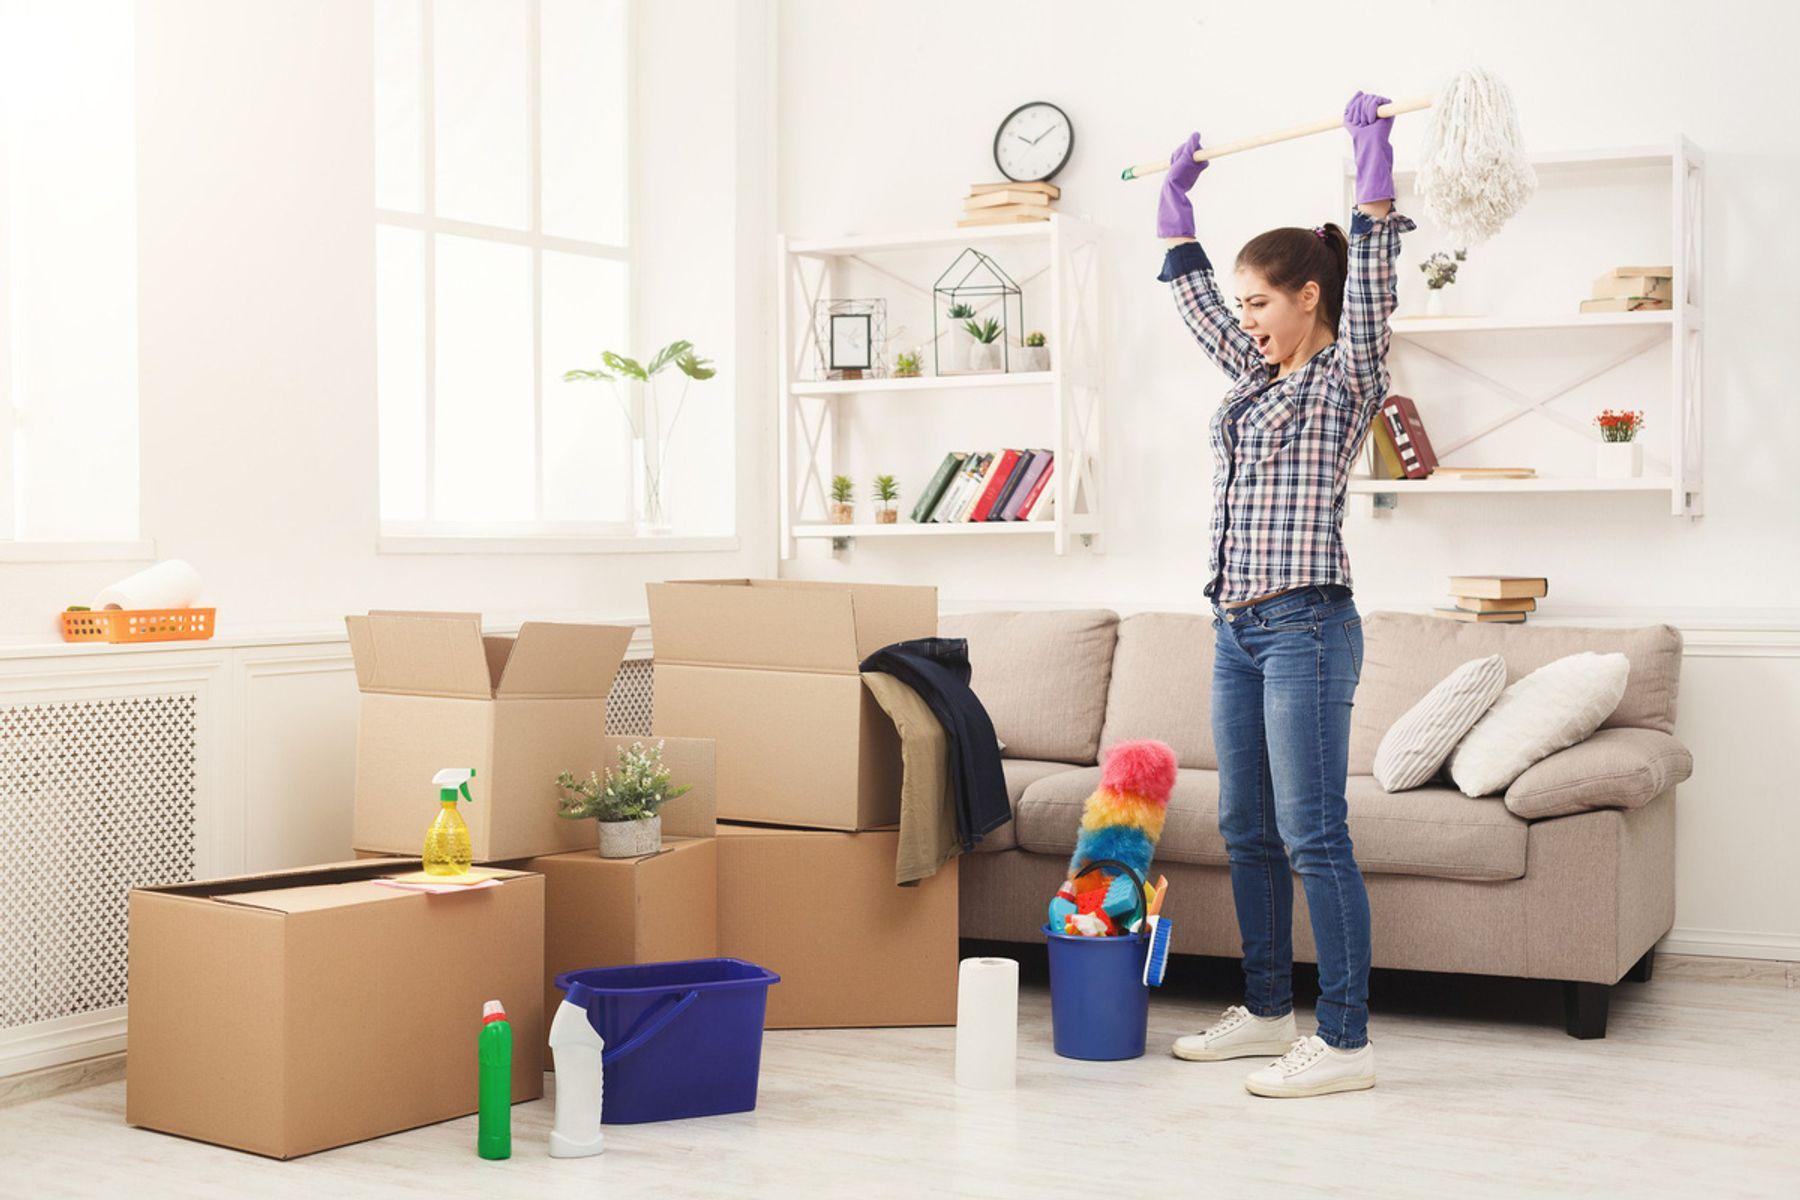 Dọn dẹp nhà cửa nên làm với thái độ vui vẻ